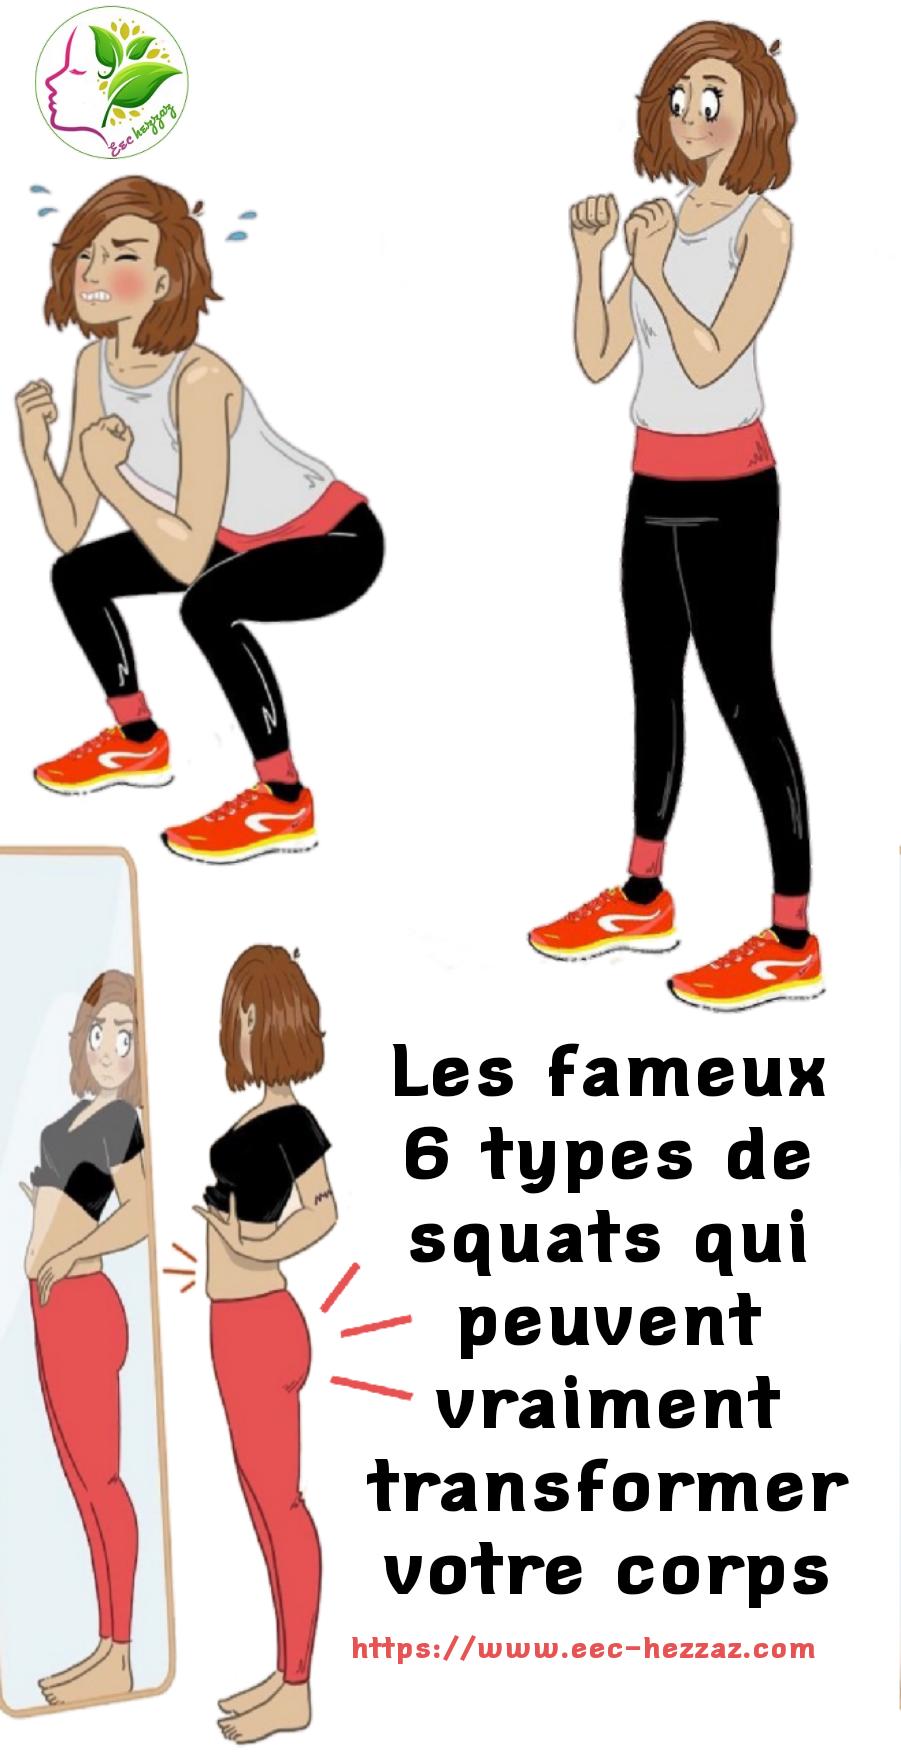 Les fameux 6 types de squats qui peuvent vraiment transformer votre corps